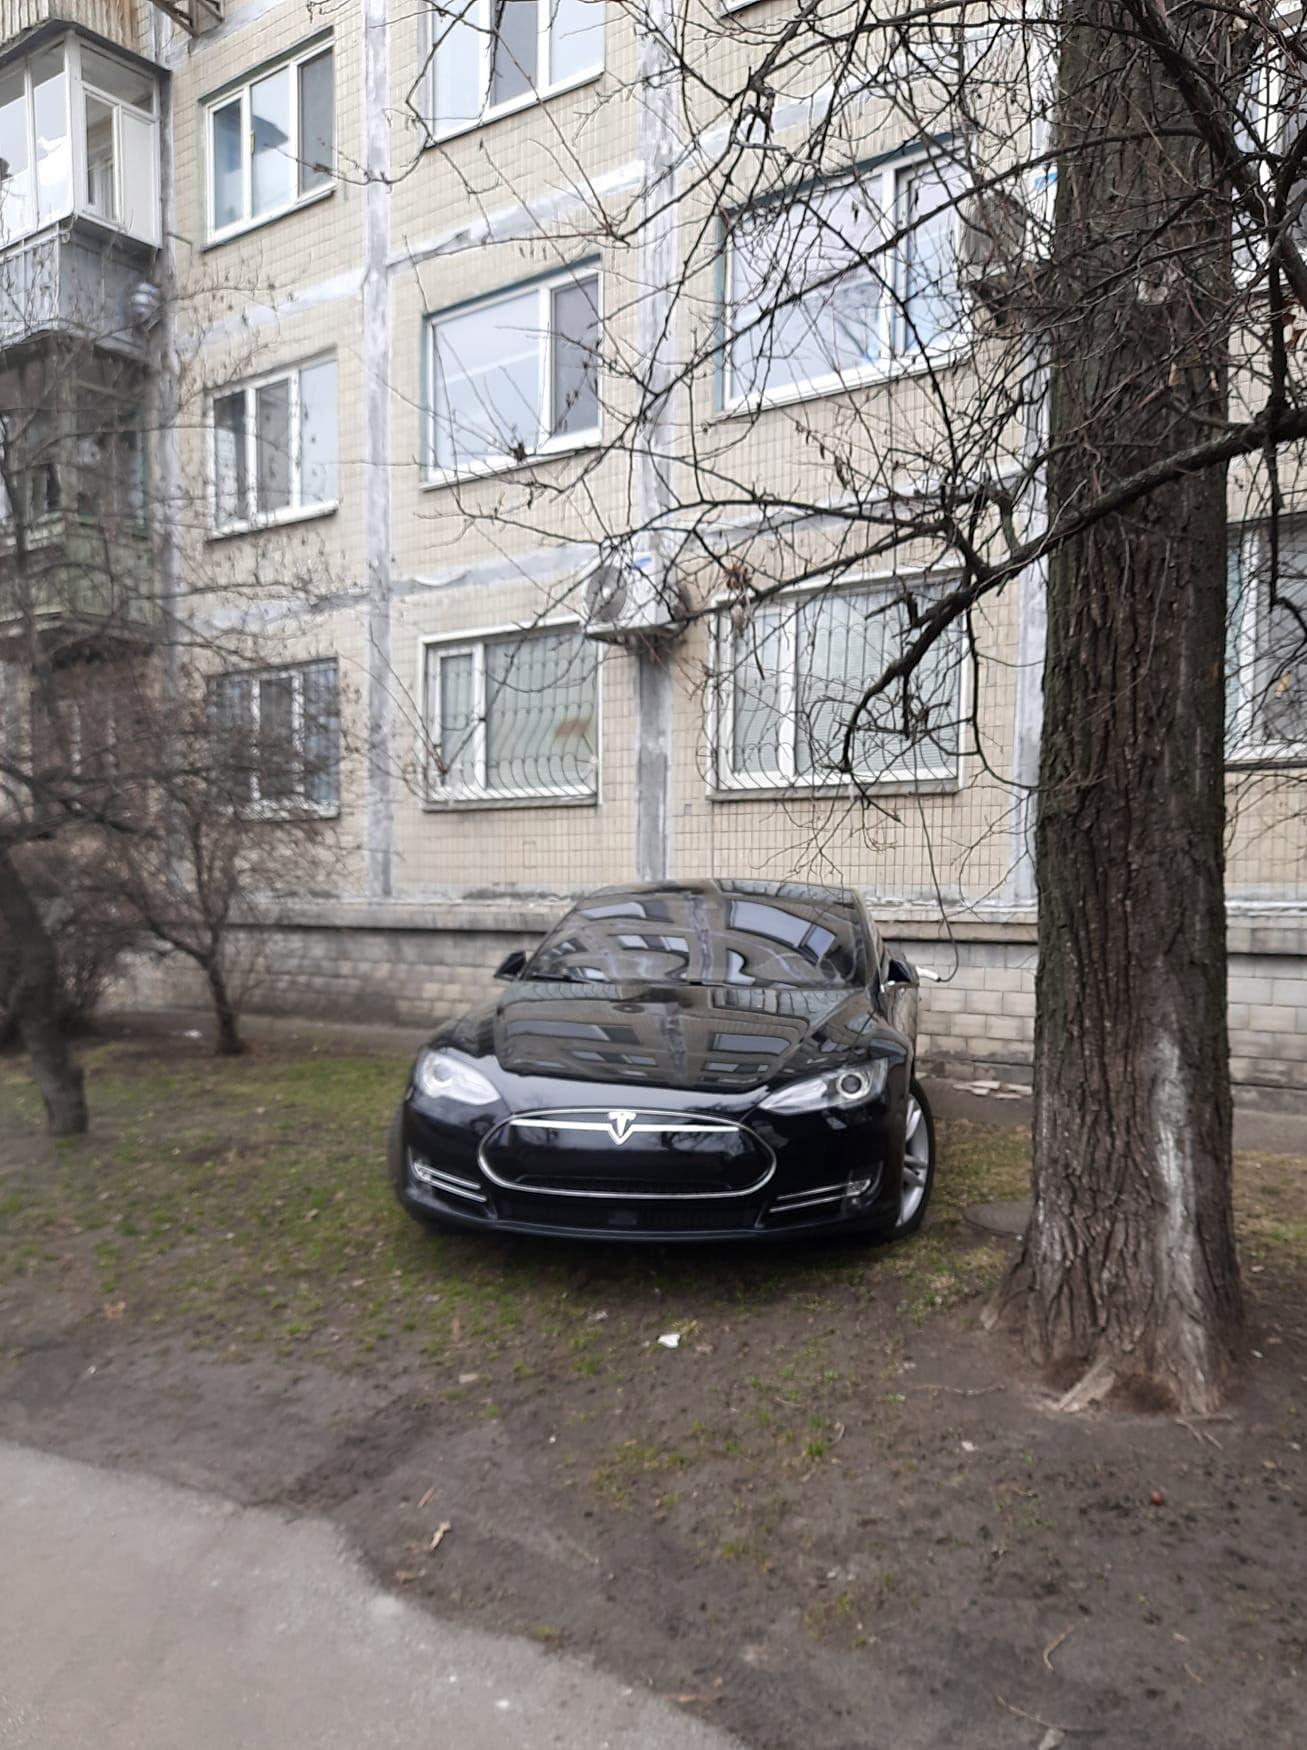 Автомобіль, припаркований перед будівлею